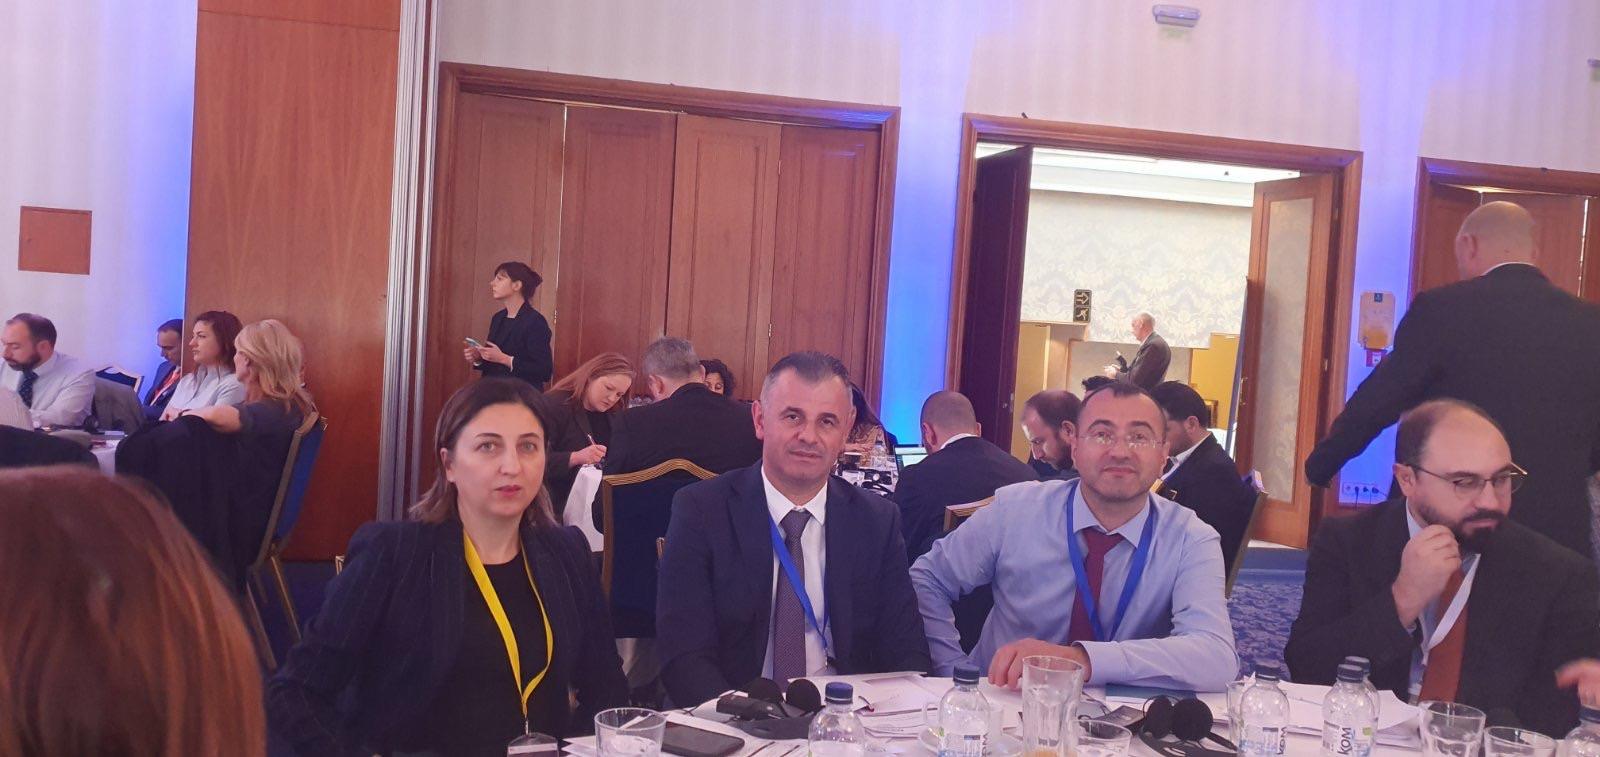 Ganiu pjesë e Forumit të Rezistencës së Ballkanit Perëndimor kundër ekstremizmit